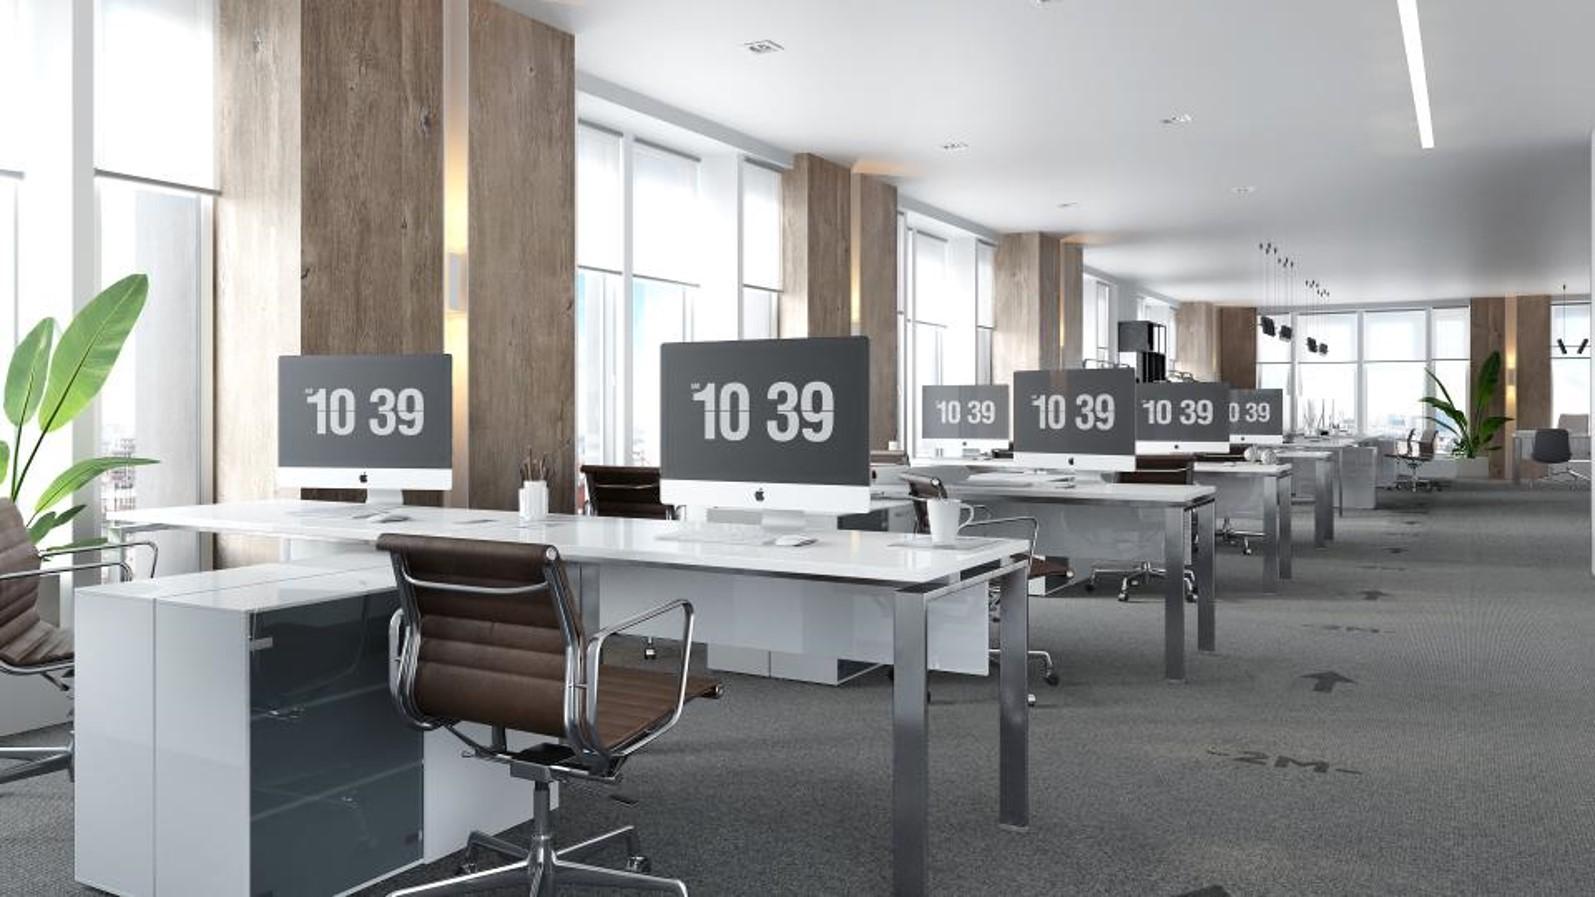 Moquette imprimée signalétique marquage au sol dans les bureaux professionnels d'entreprise pour flux de circulation, distanciation